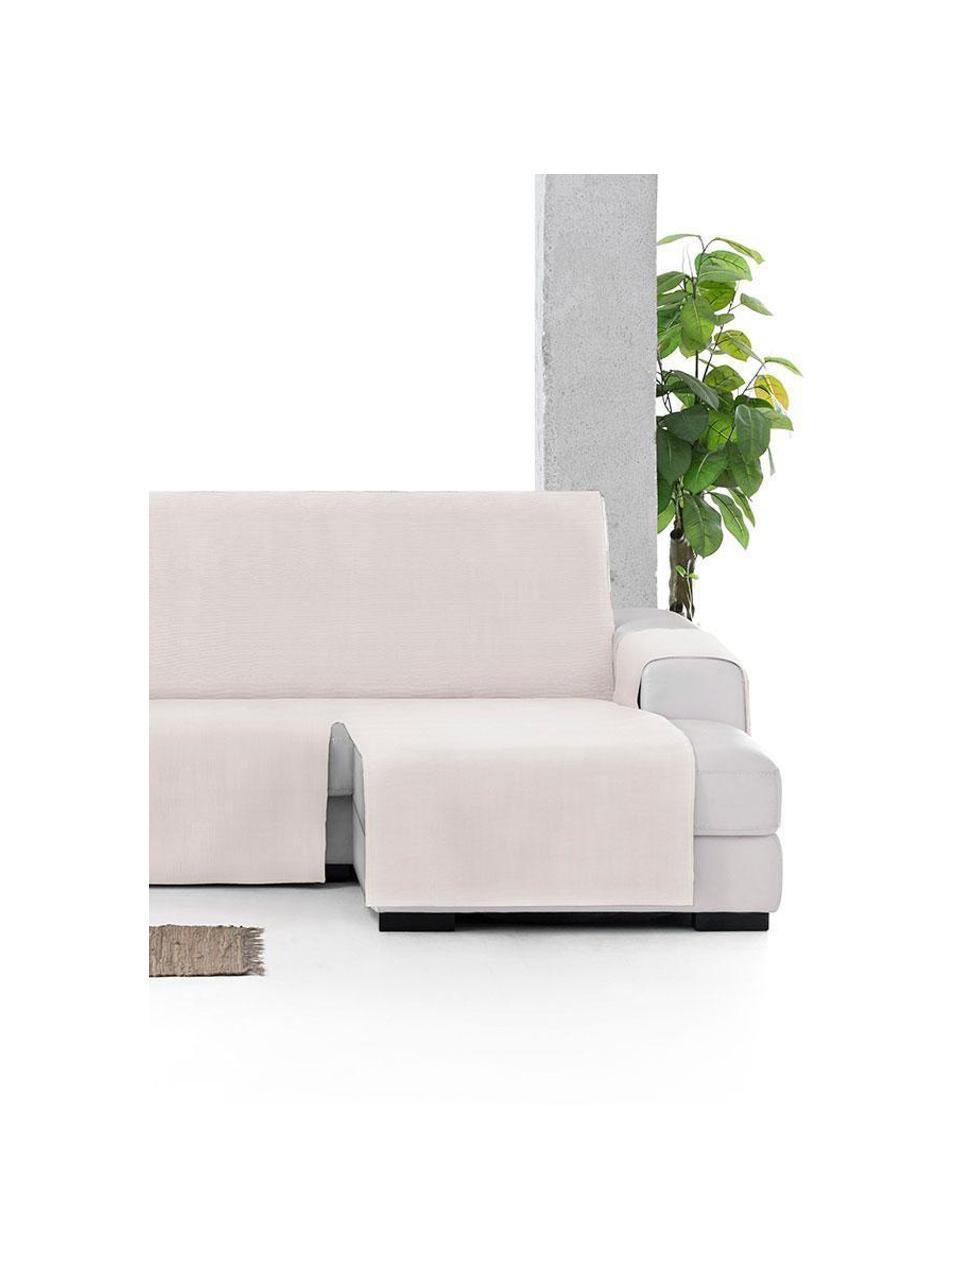 Copertura divano angolare Levante, 65% cotone, 35% poliestere, Color crema, Larg. 150 x Lung. 290 cm